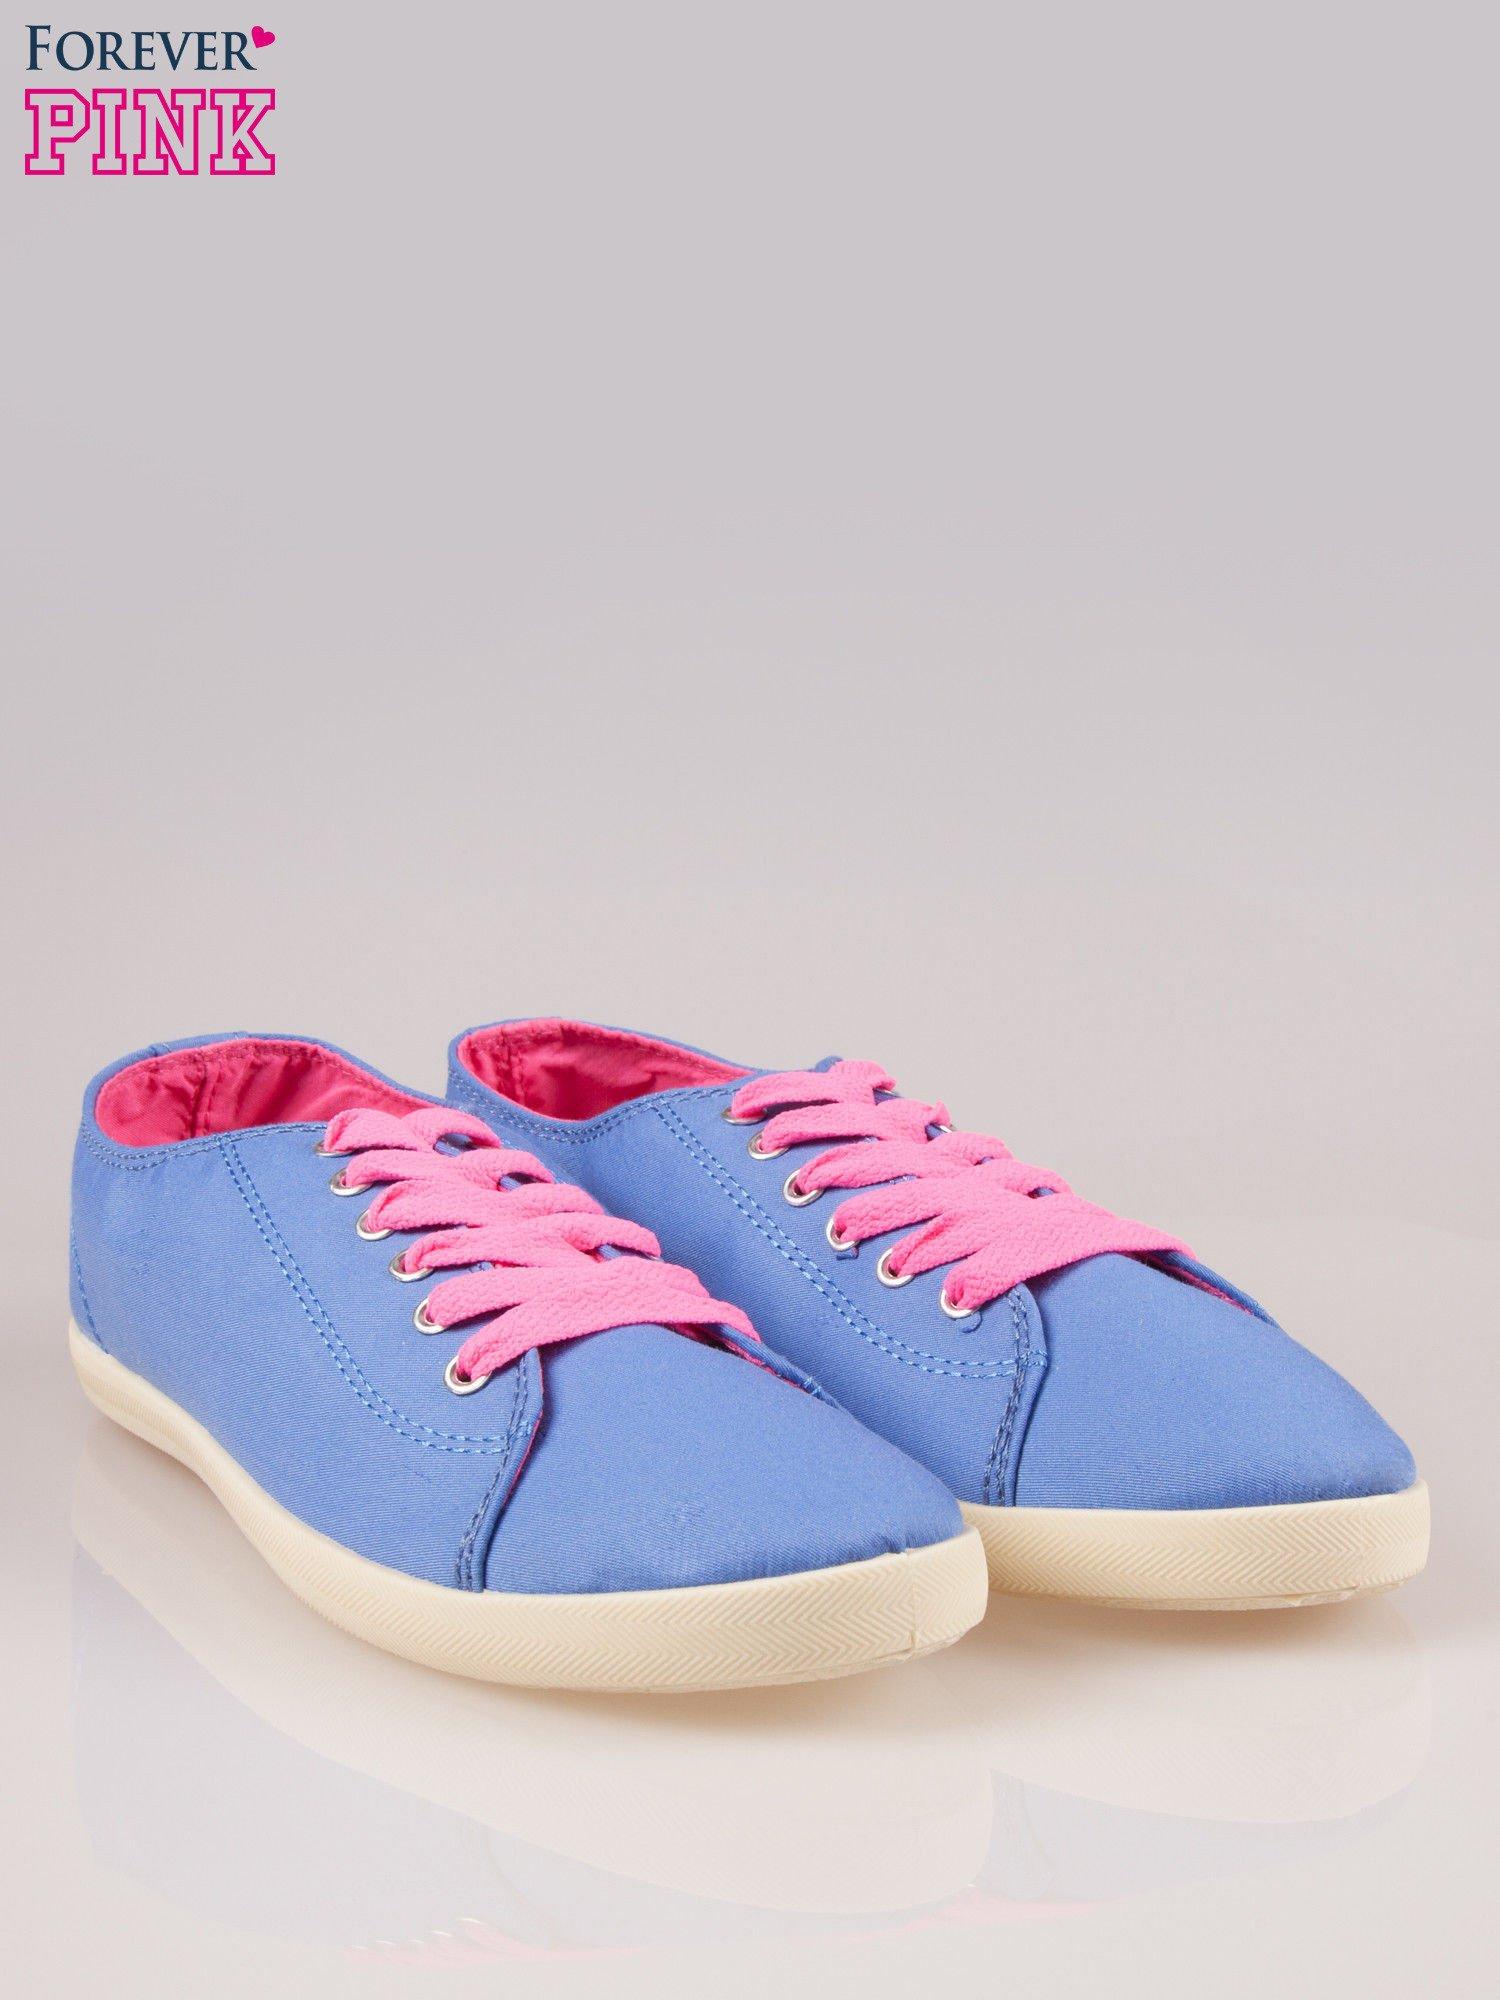 Niebieskie tenisówki damskie z różowymi sznurówkami                                  zdj.                                  2